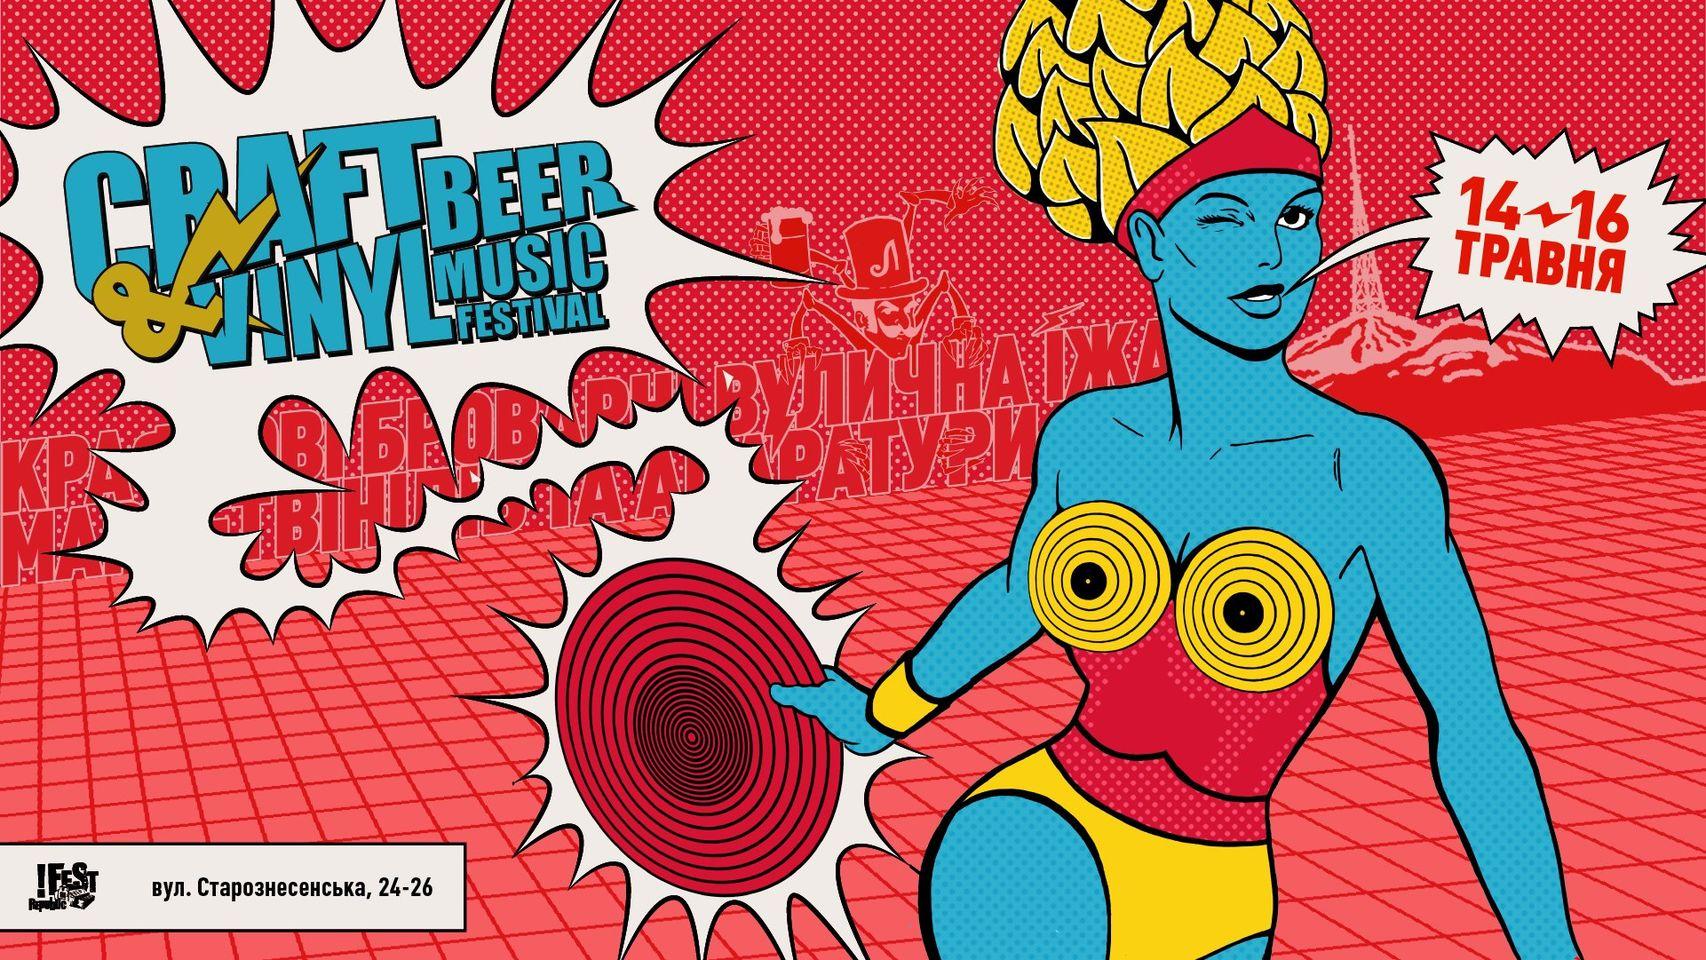 Во Львове пройдет Craft Beer & Vinyl Music Festival 2021